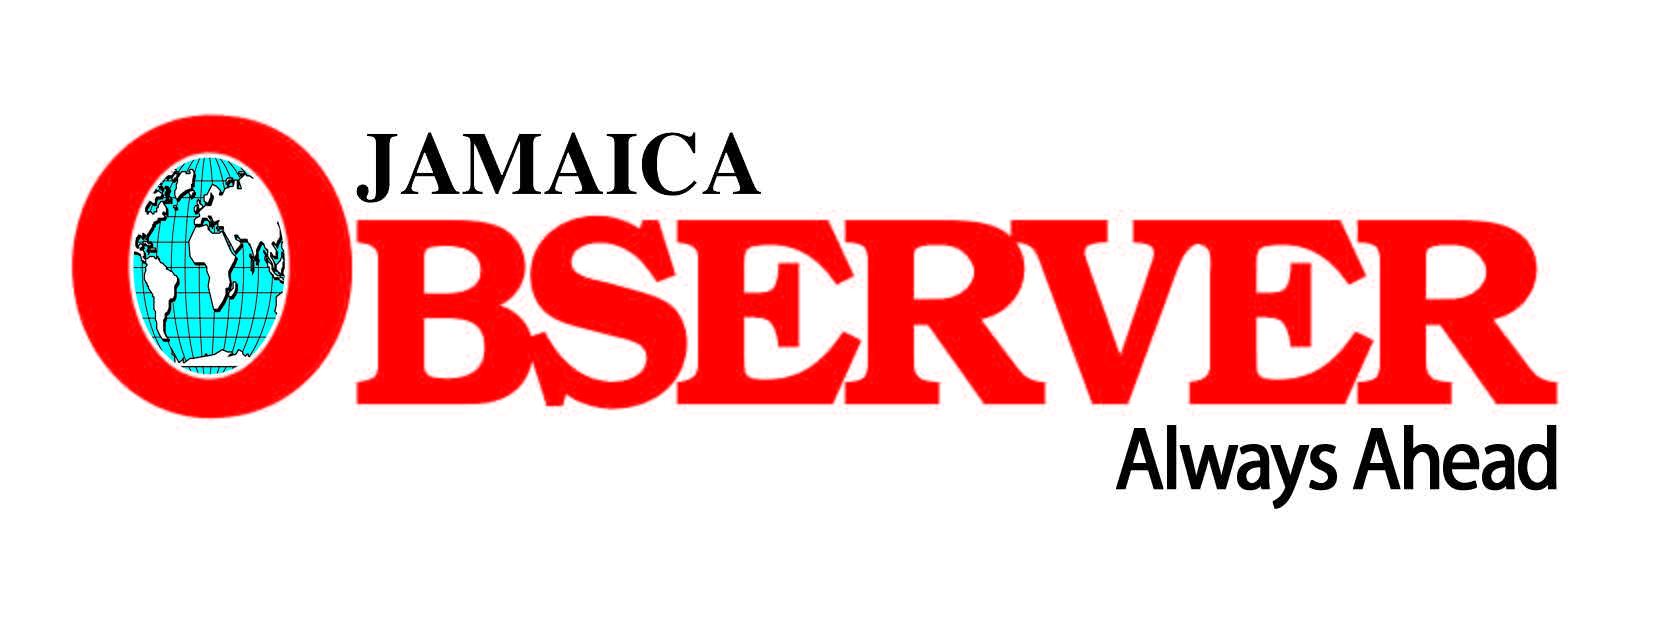 Jamaica Observer Logo.jpg